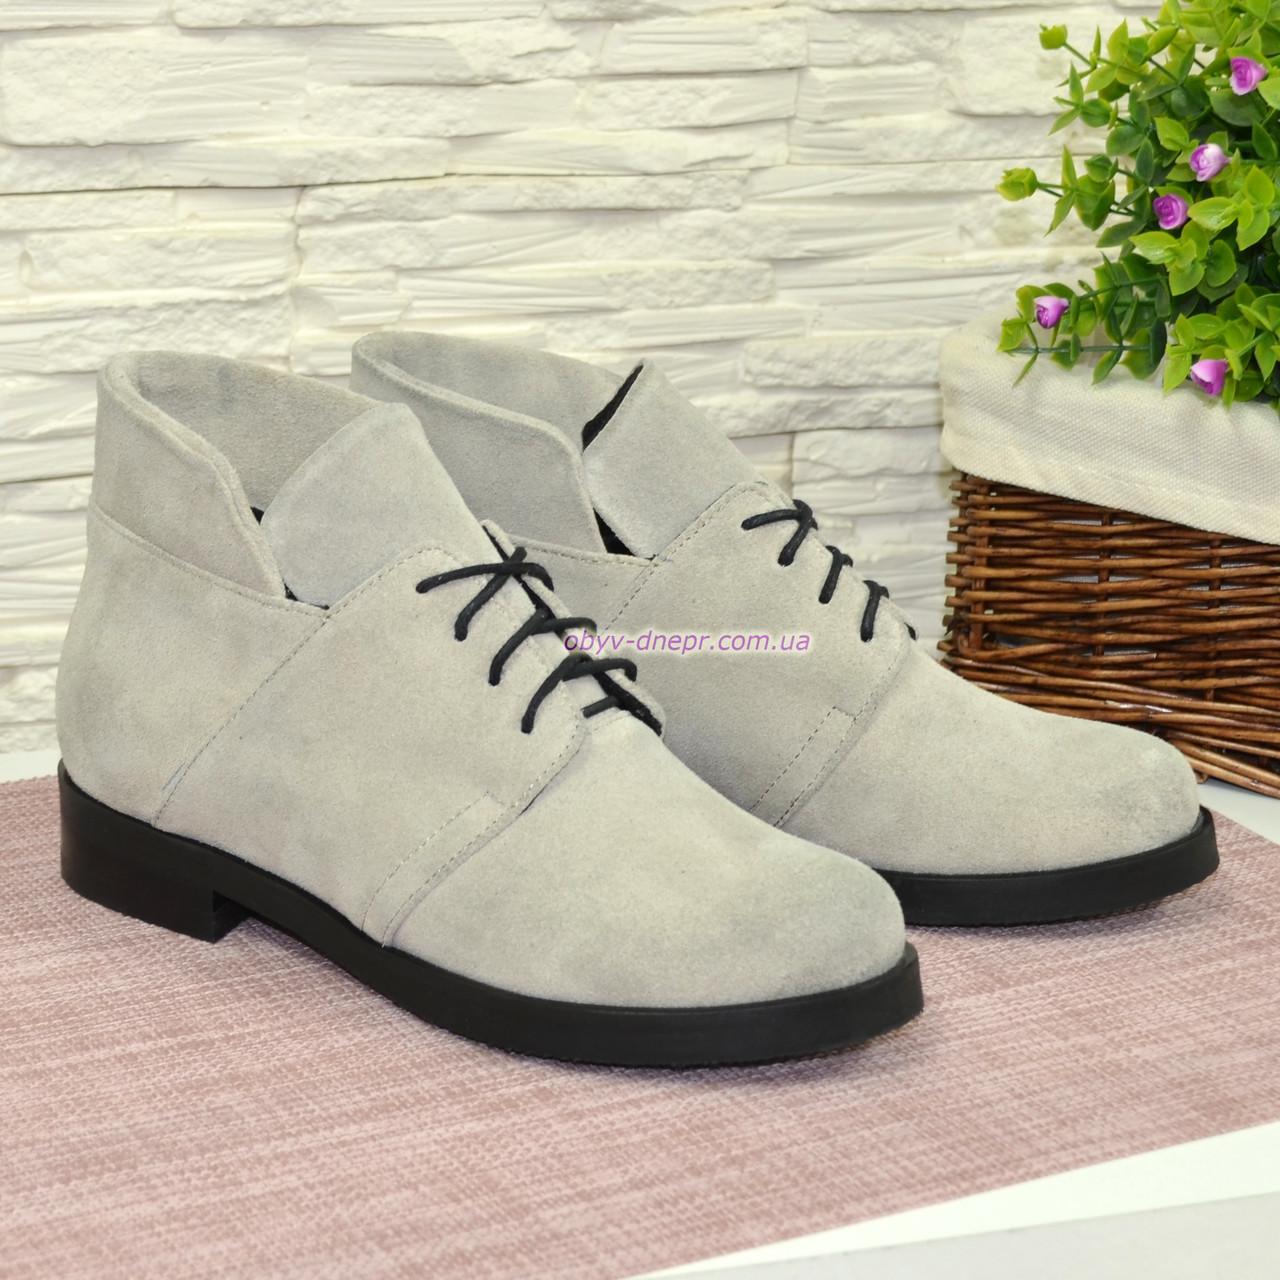 Черевики замшеві туфлі на невисокому каблуці, колір сірий